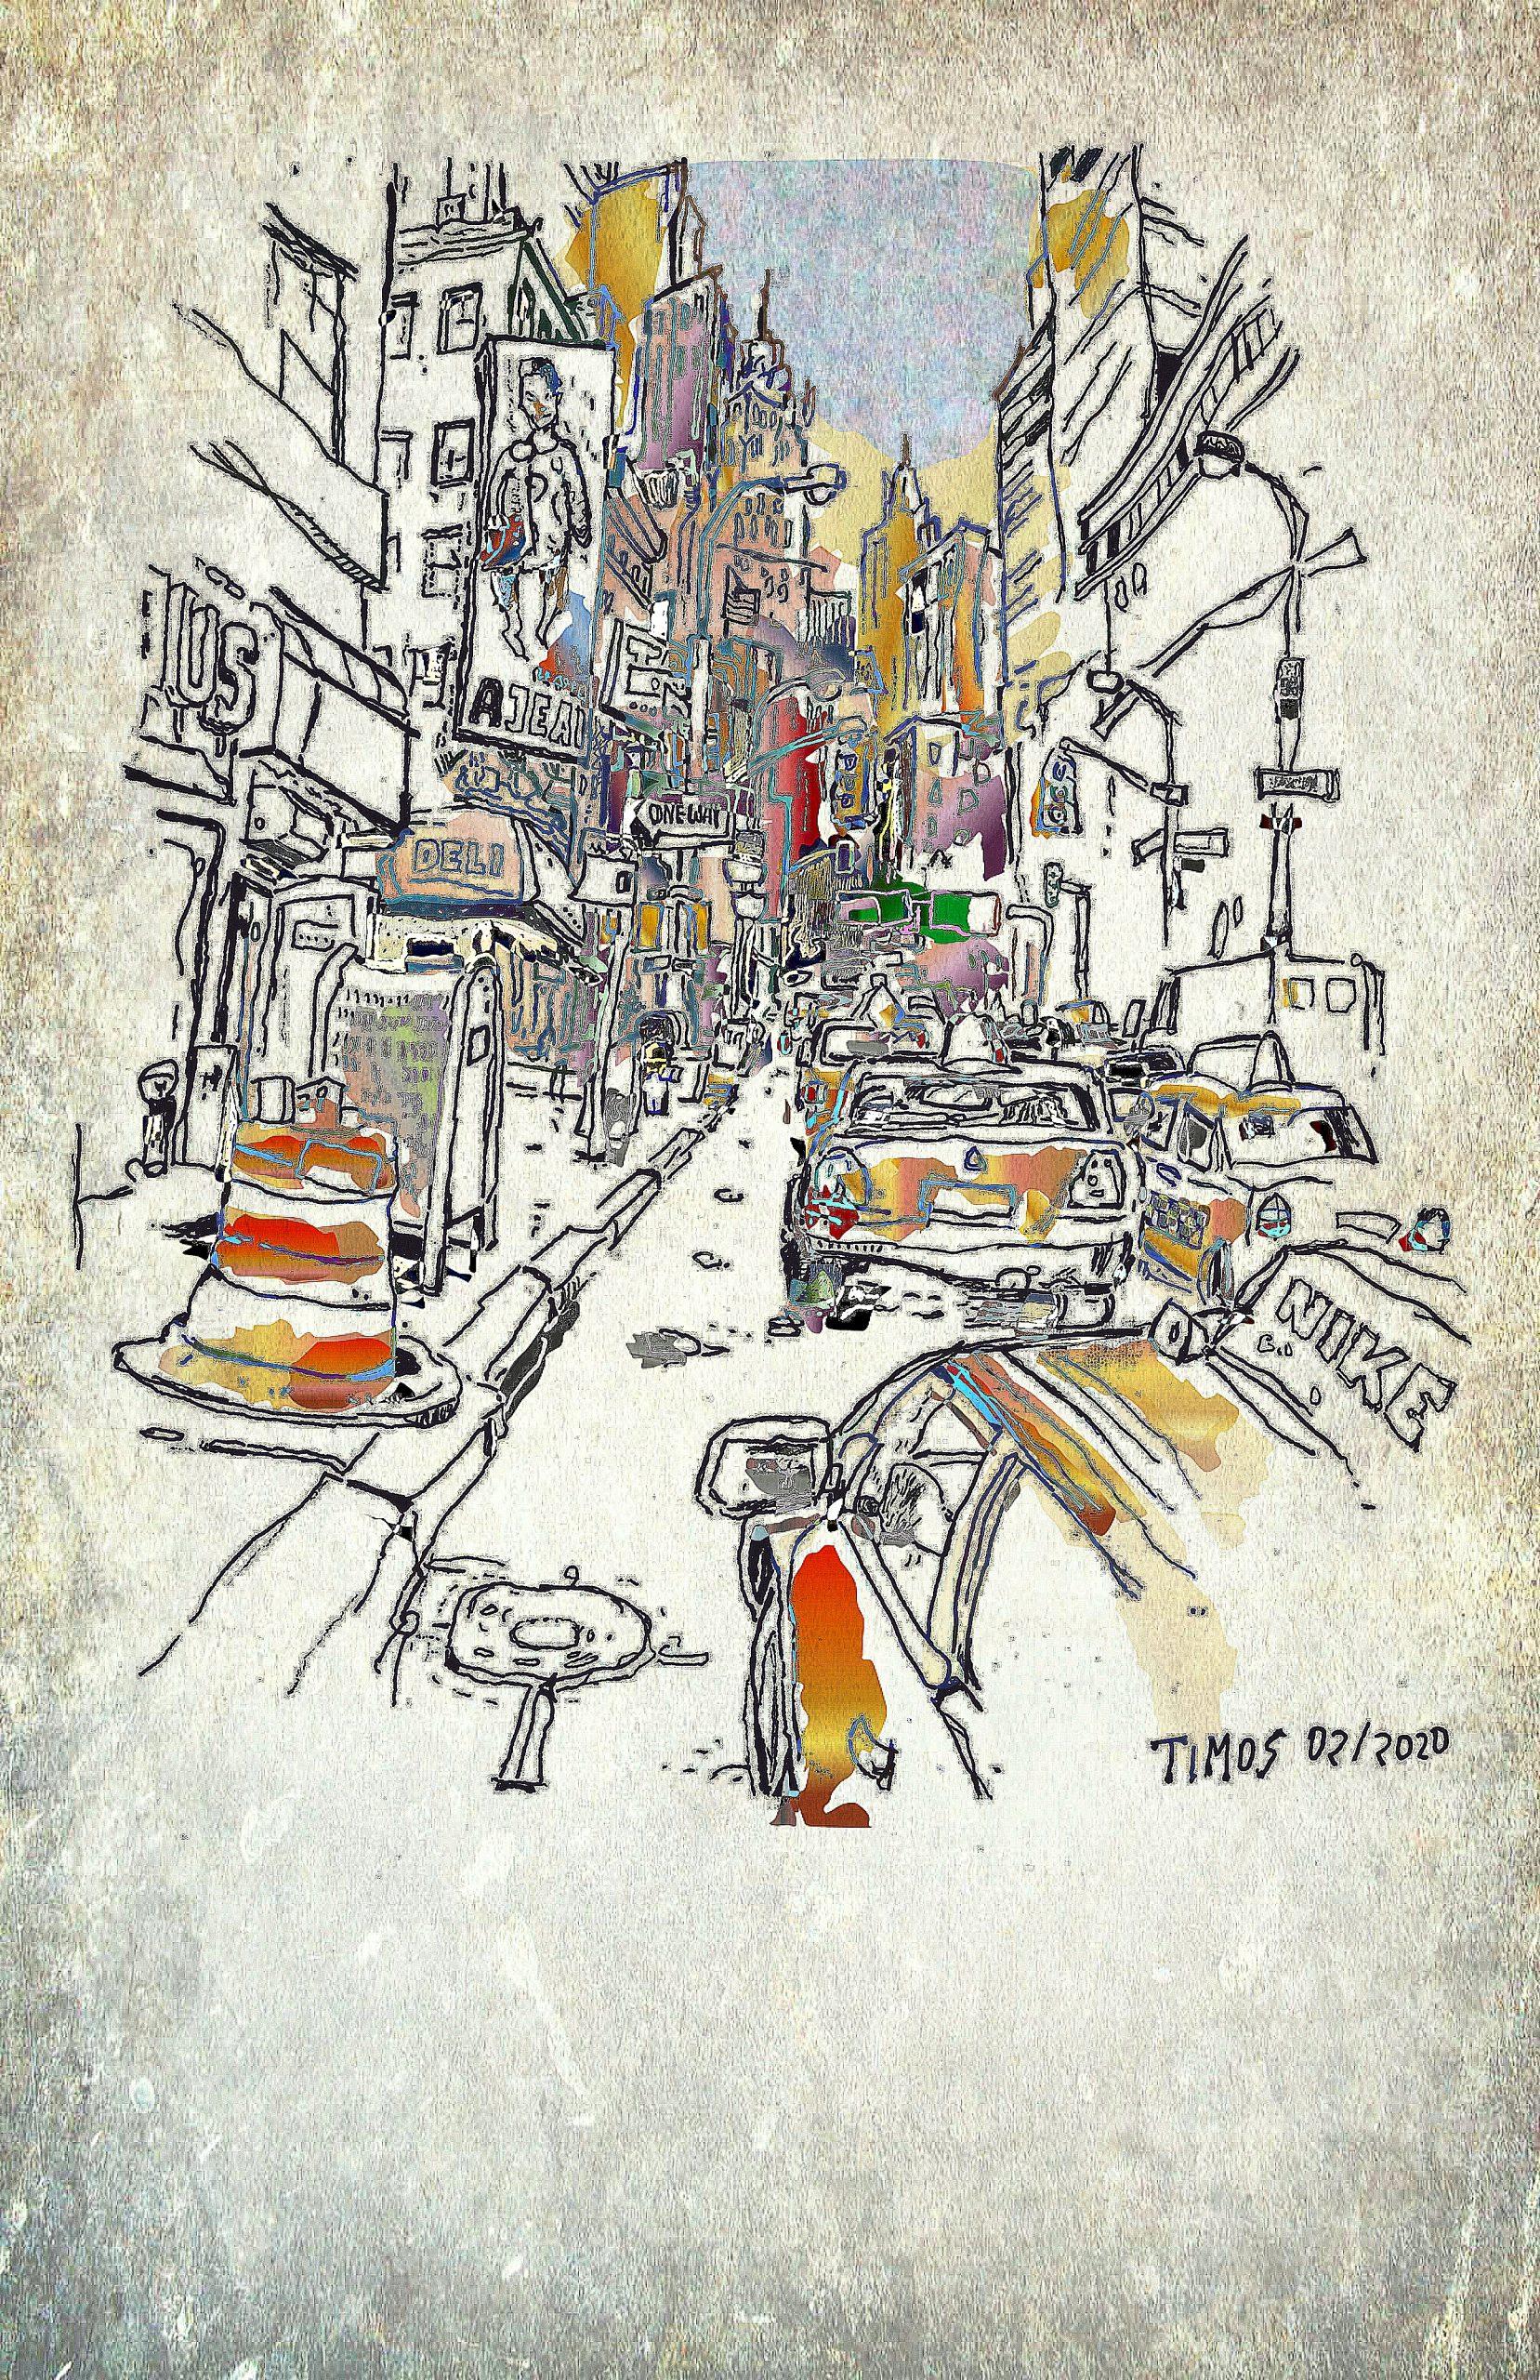 din of traffic